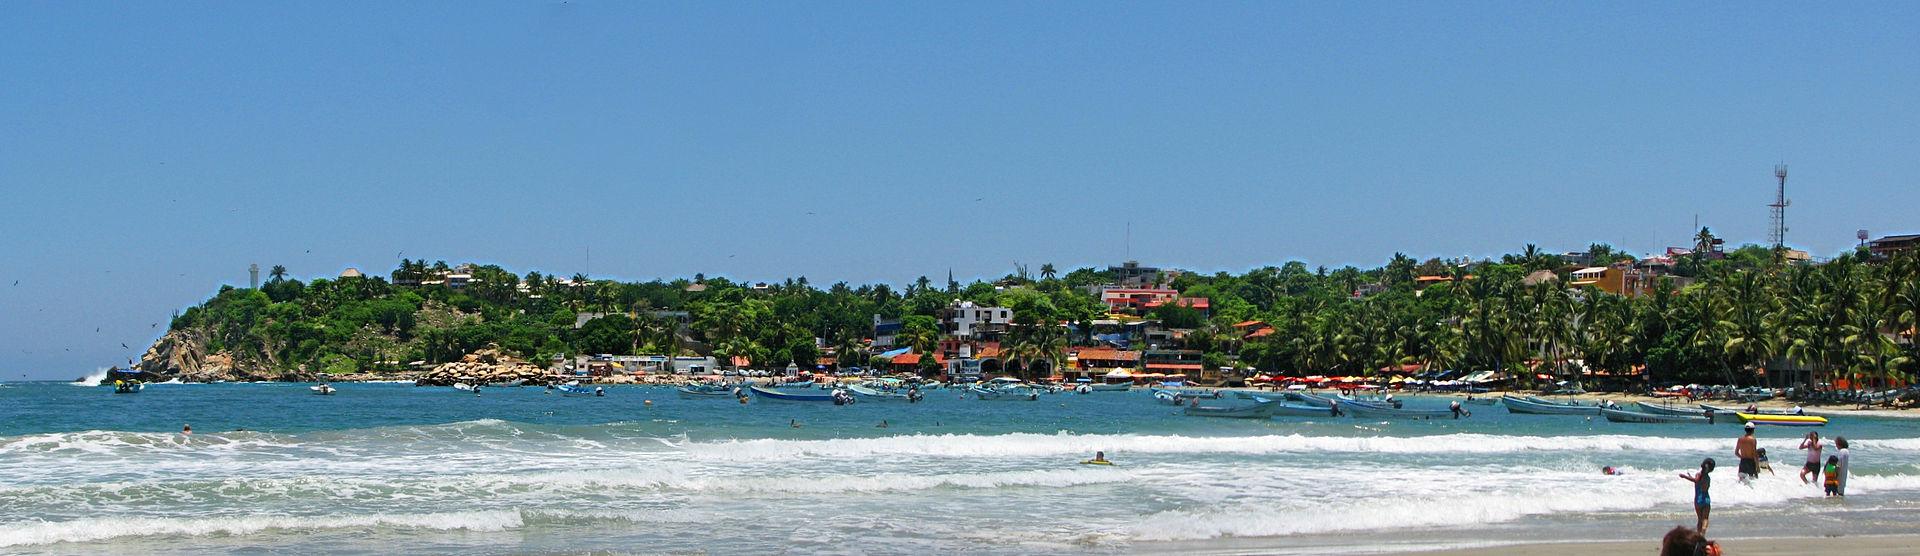 Playa_Principal_Puerto_Escondido_Oaxaca.jpg